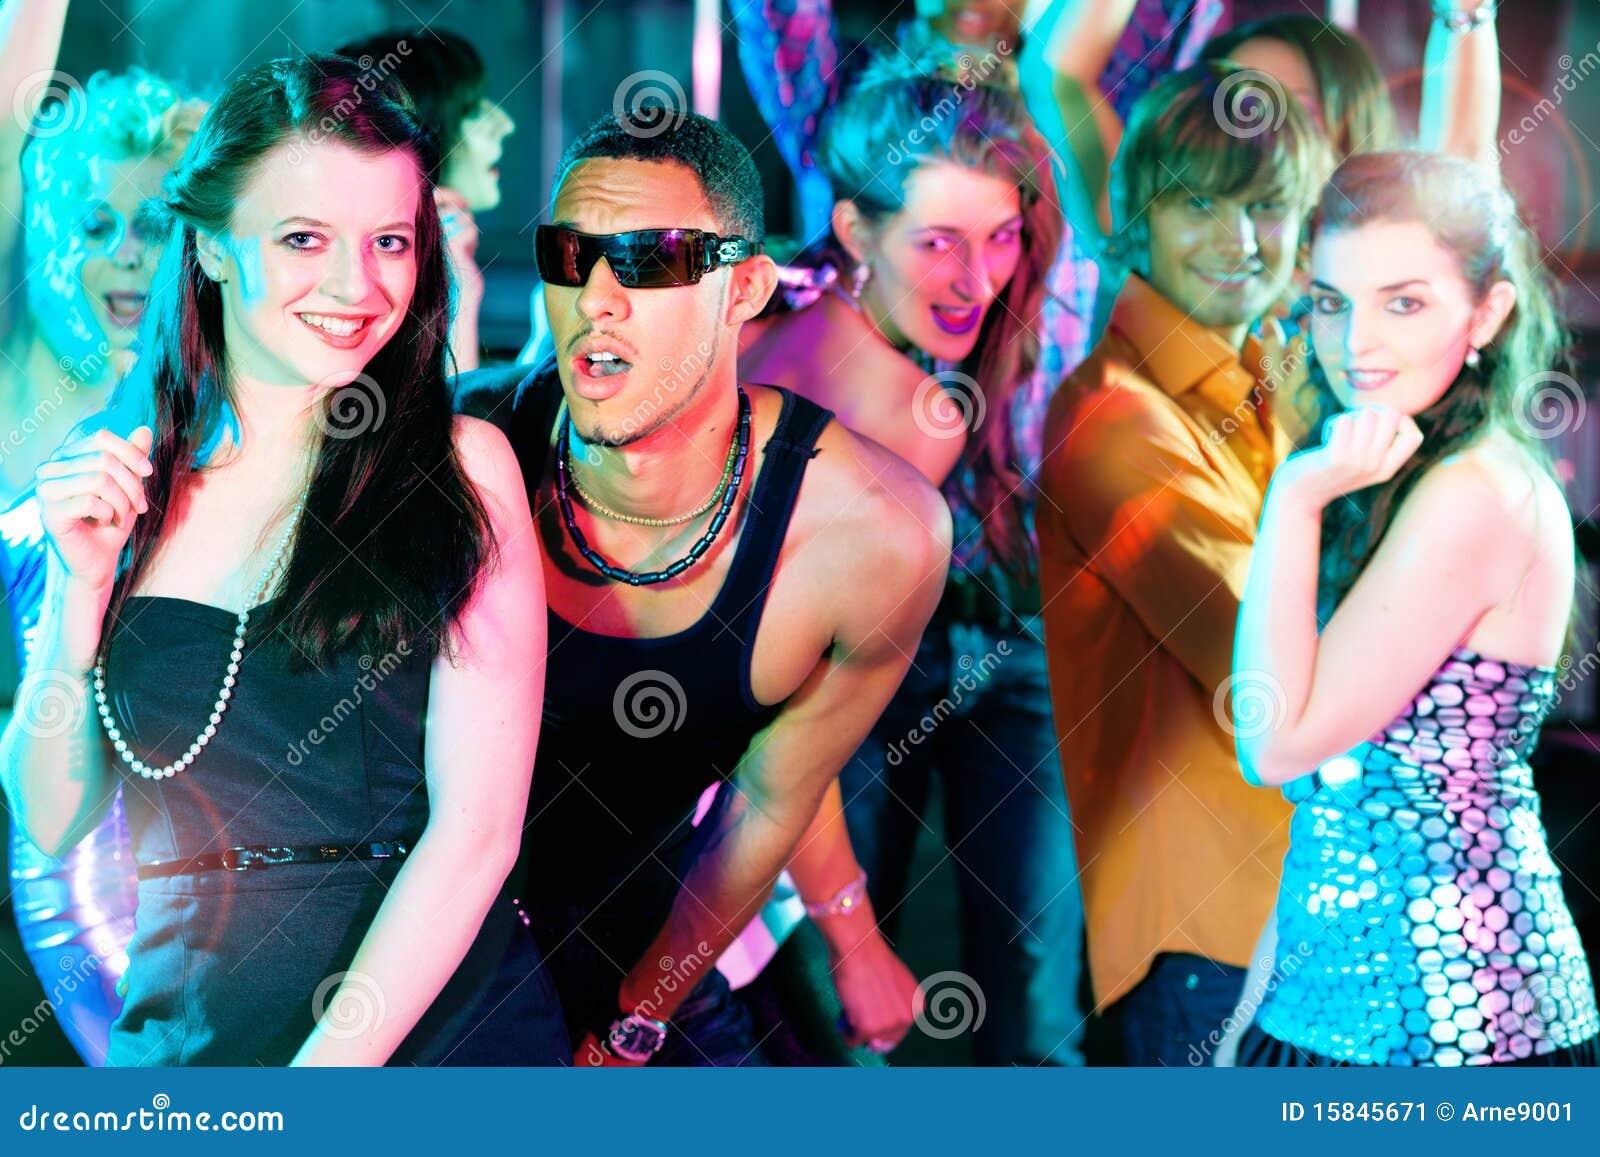 Фото конкурсов в ночных клубах 23 фотография